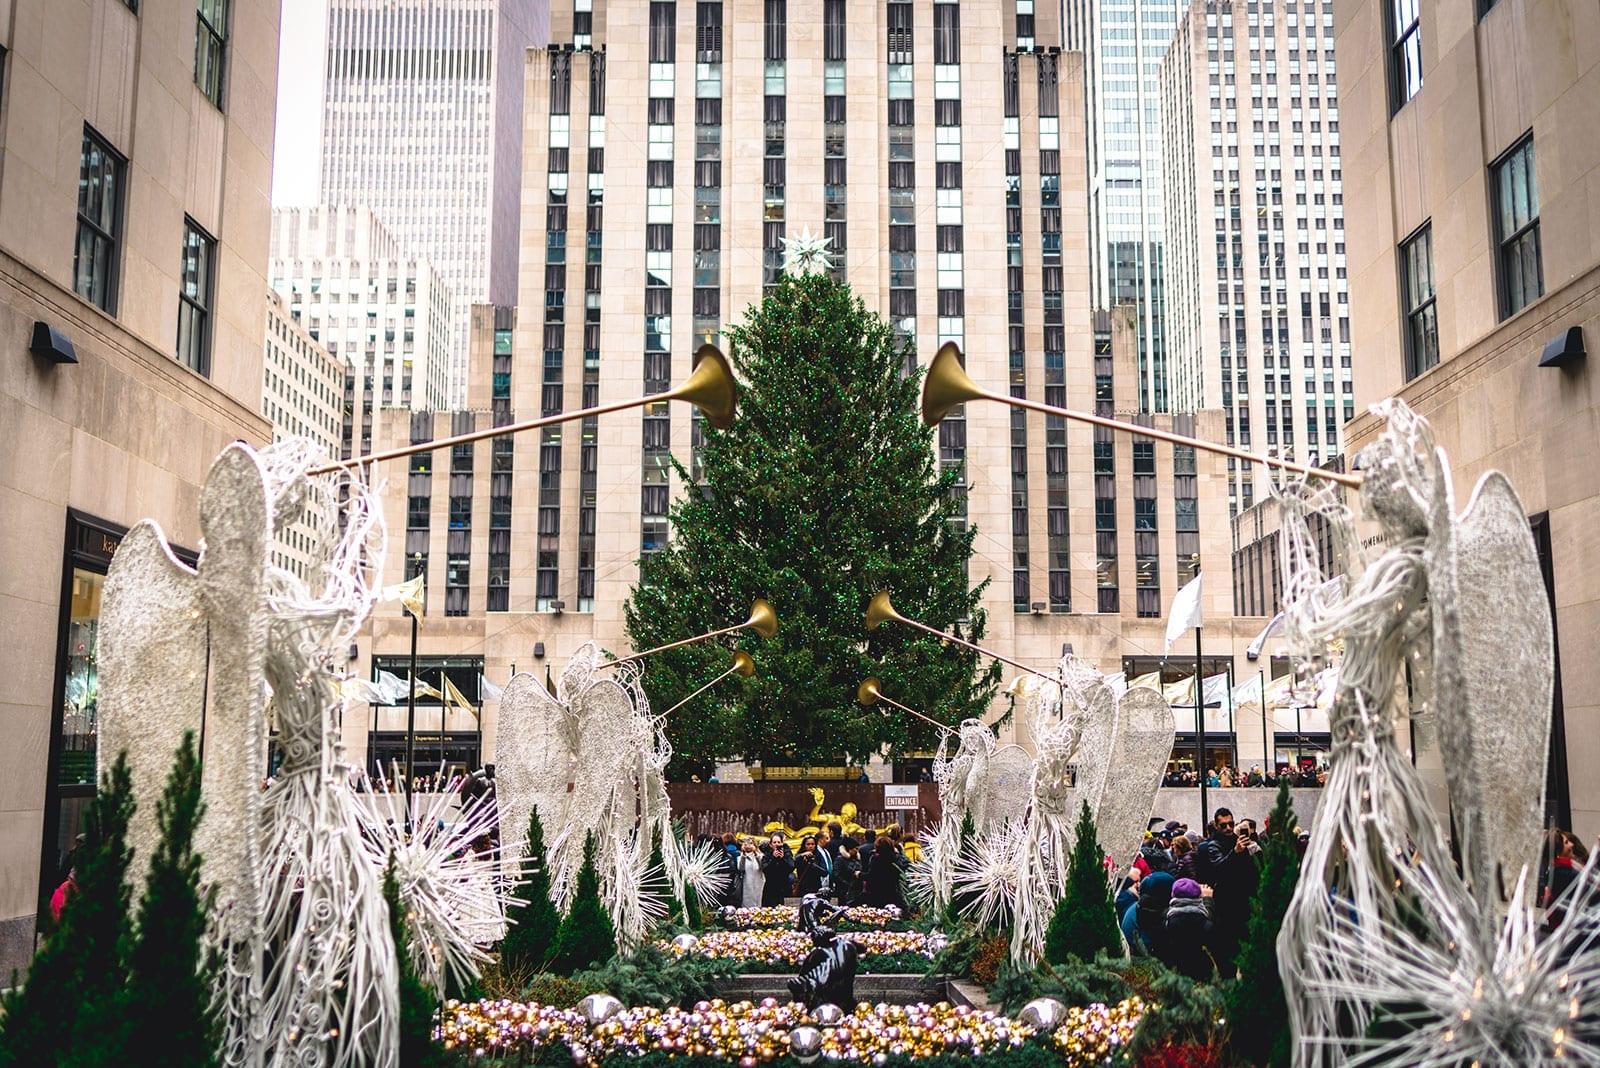 Die besten Aktivitäten zu Weihnachten in New York | Loving New York